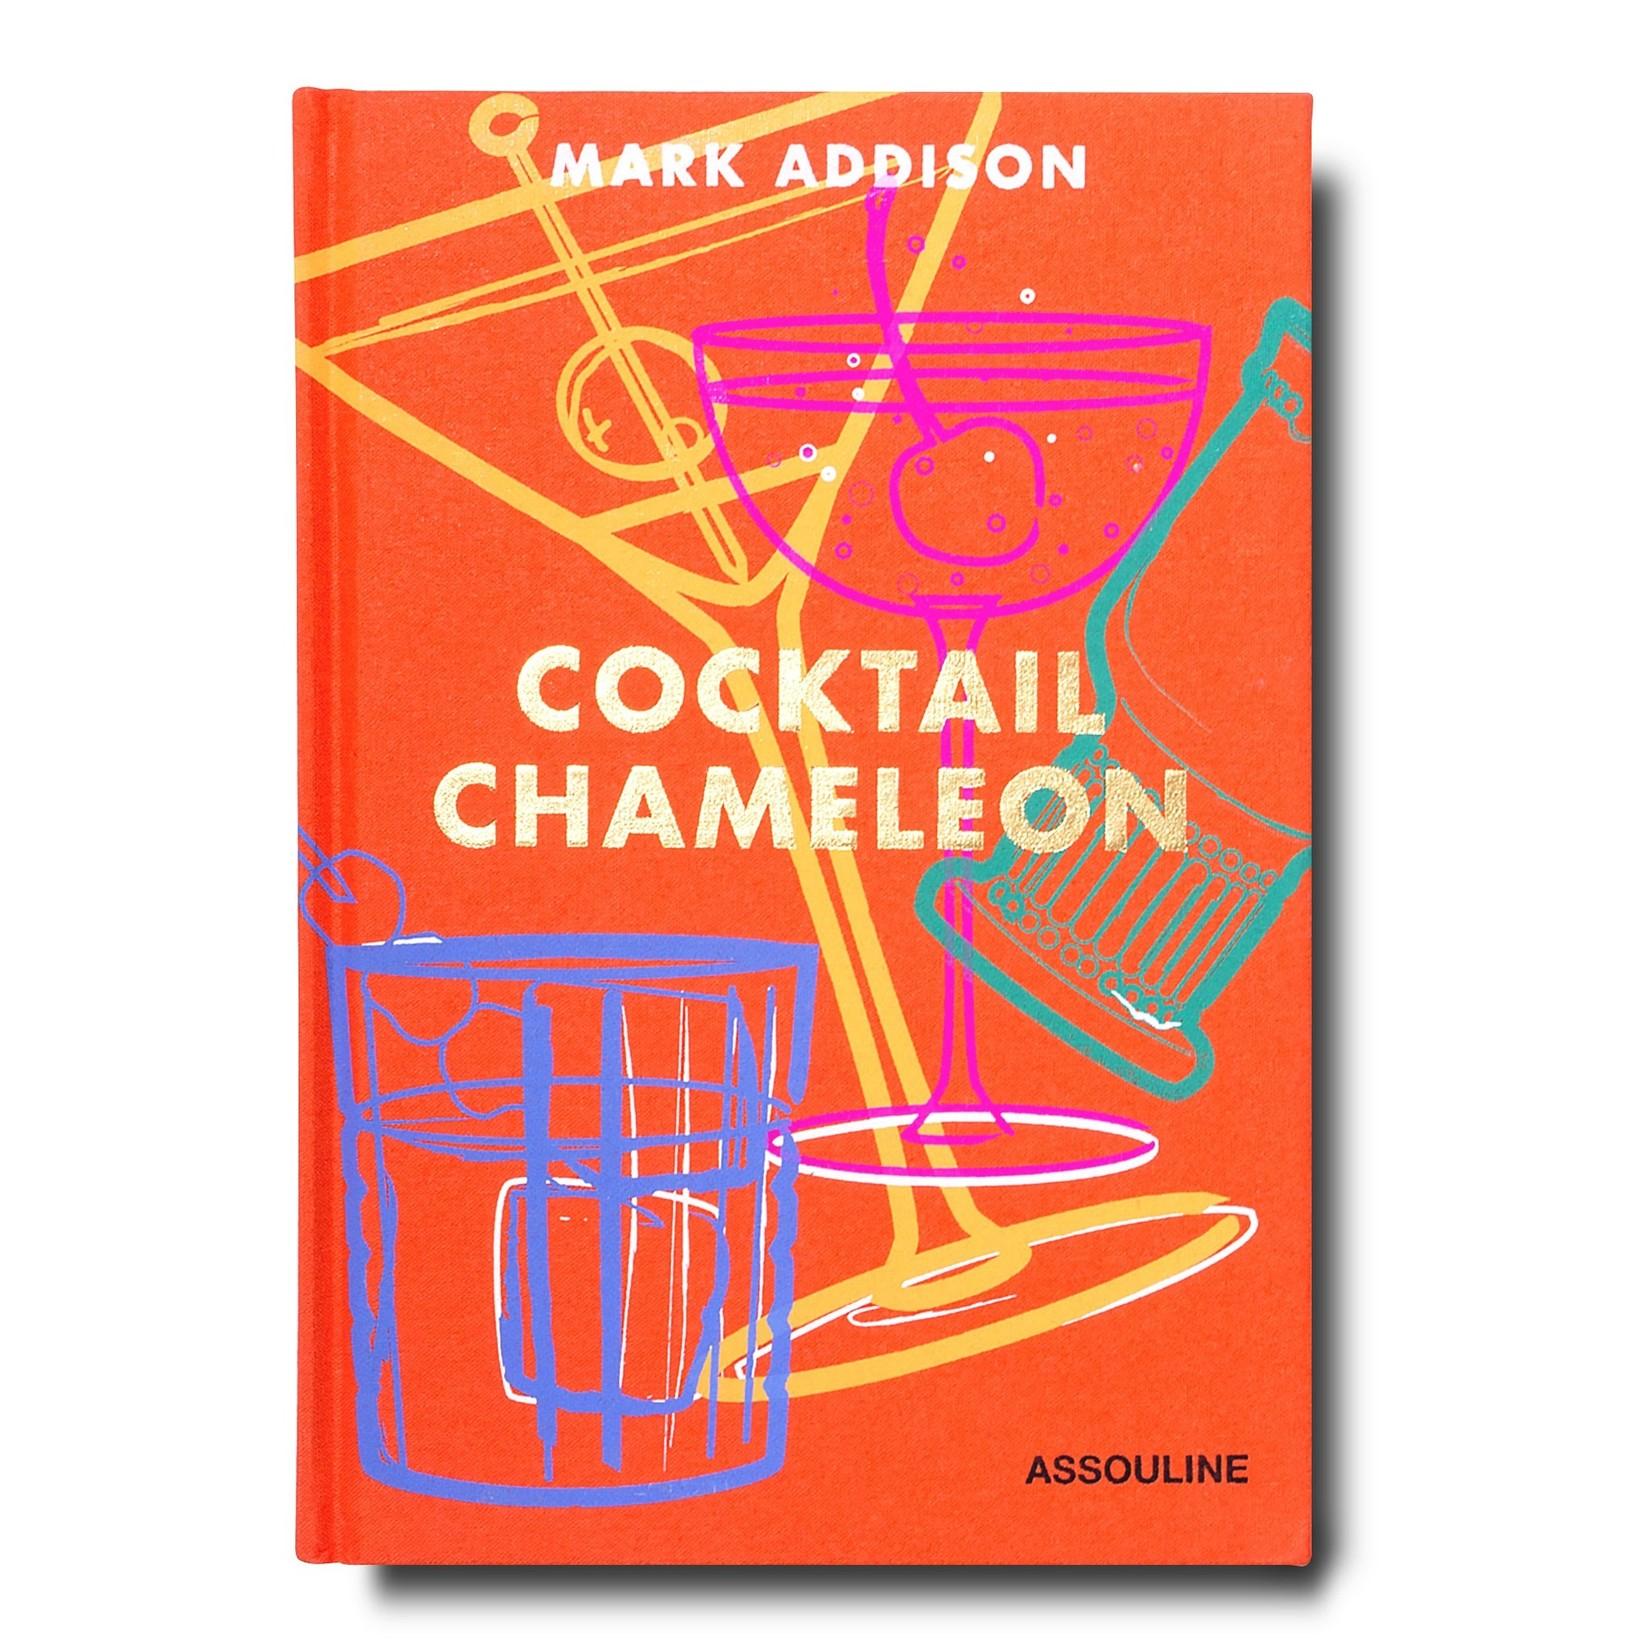 Assouline Cocktail Chameleon